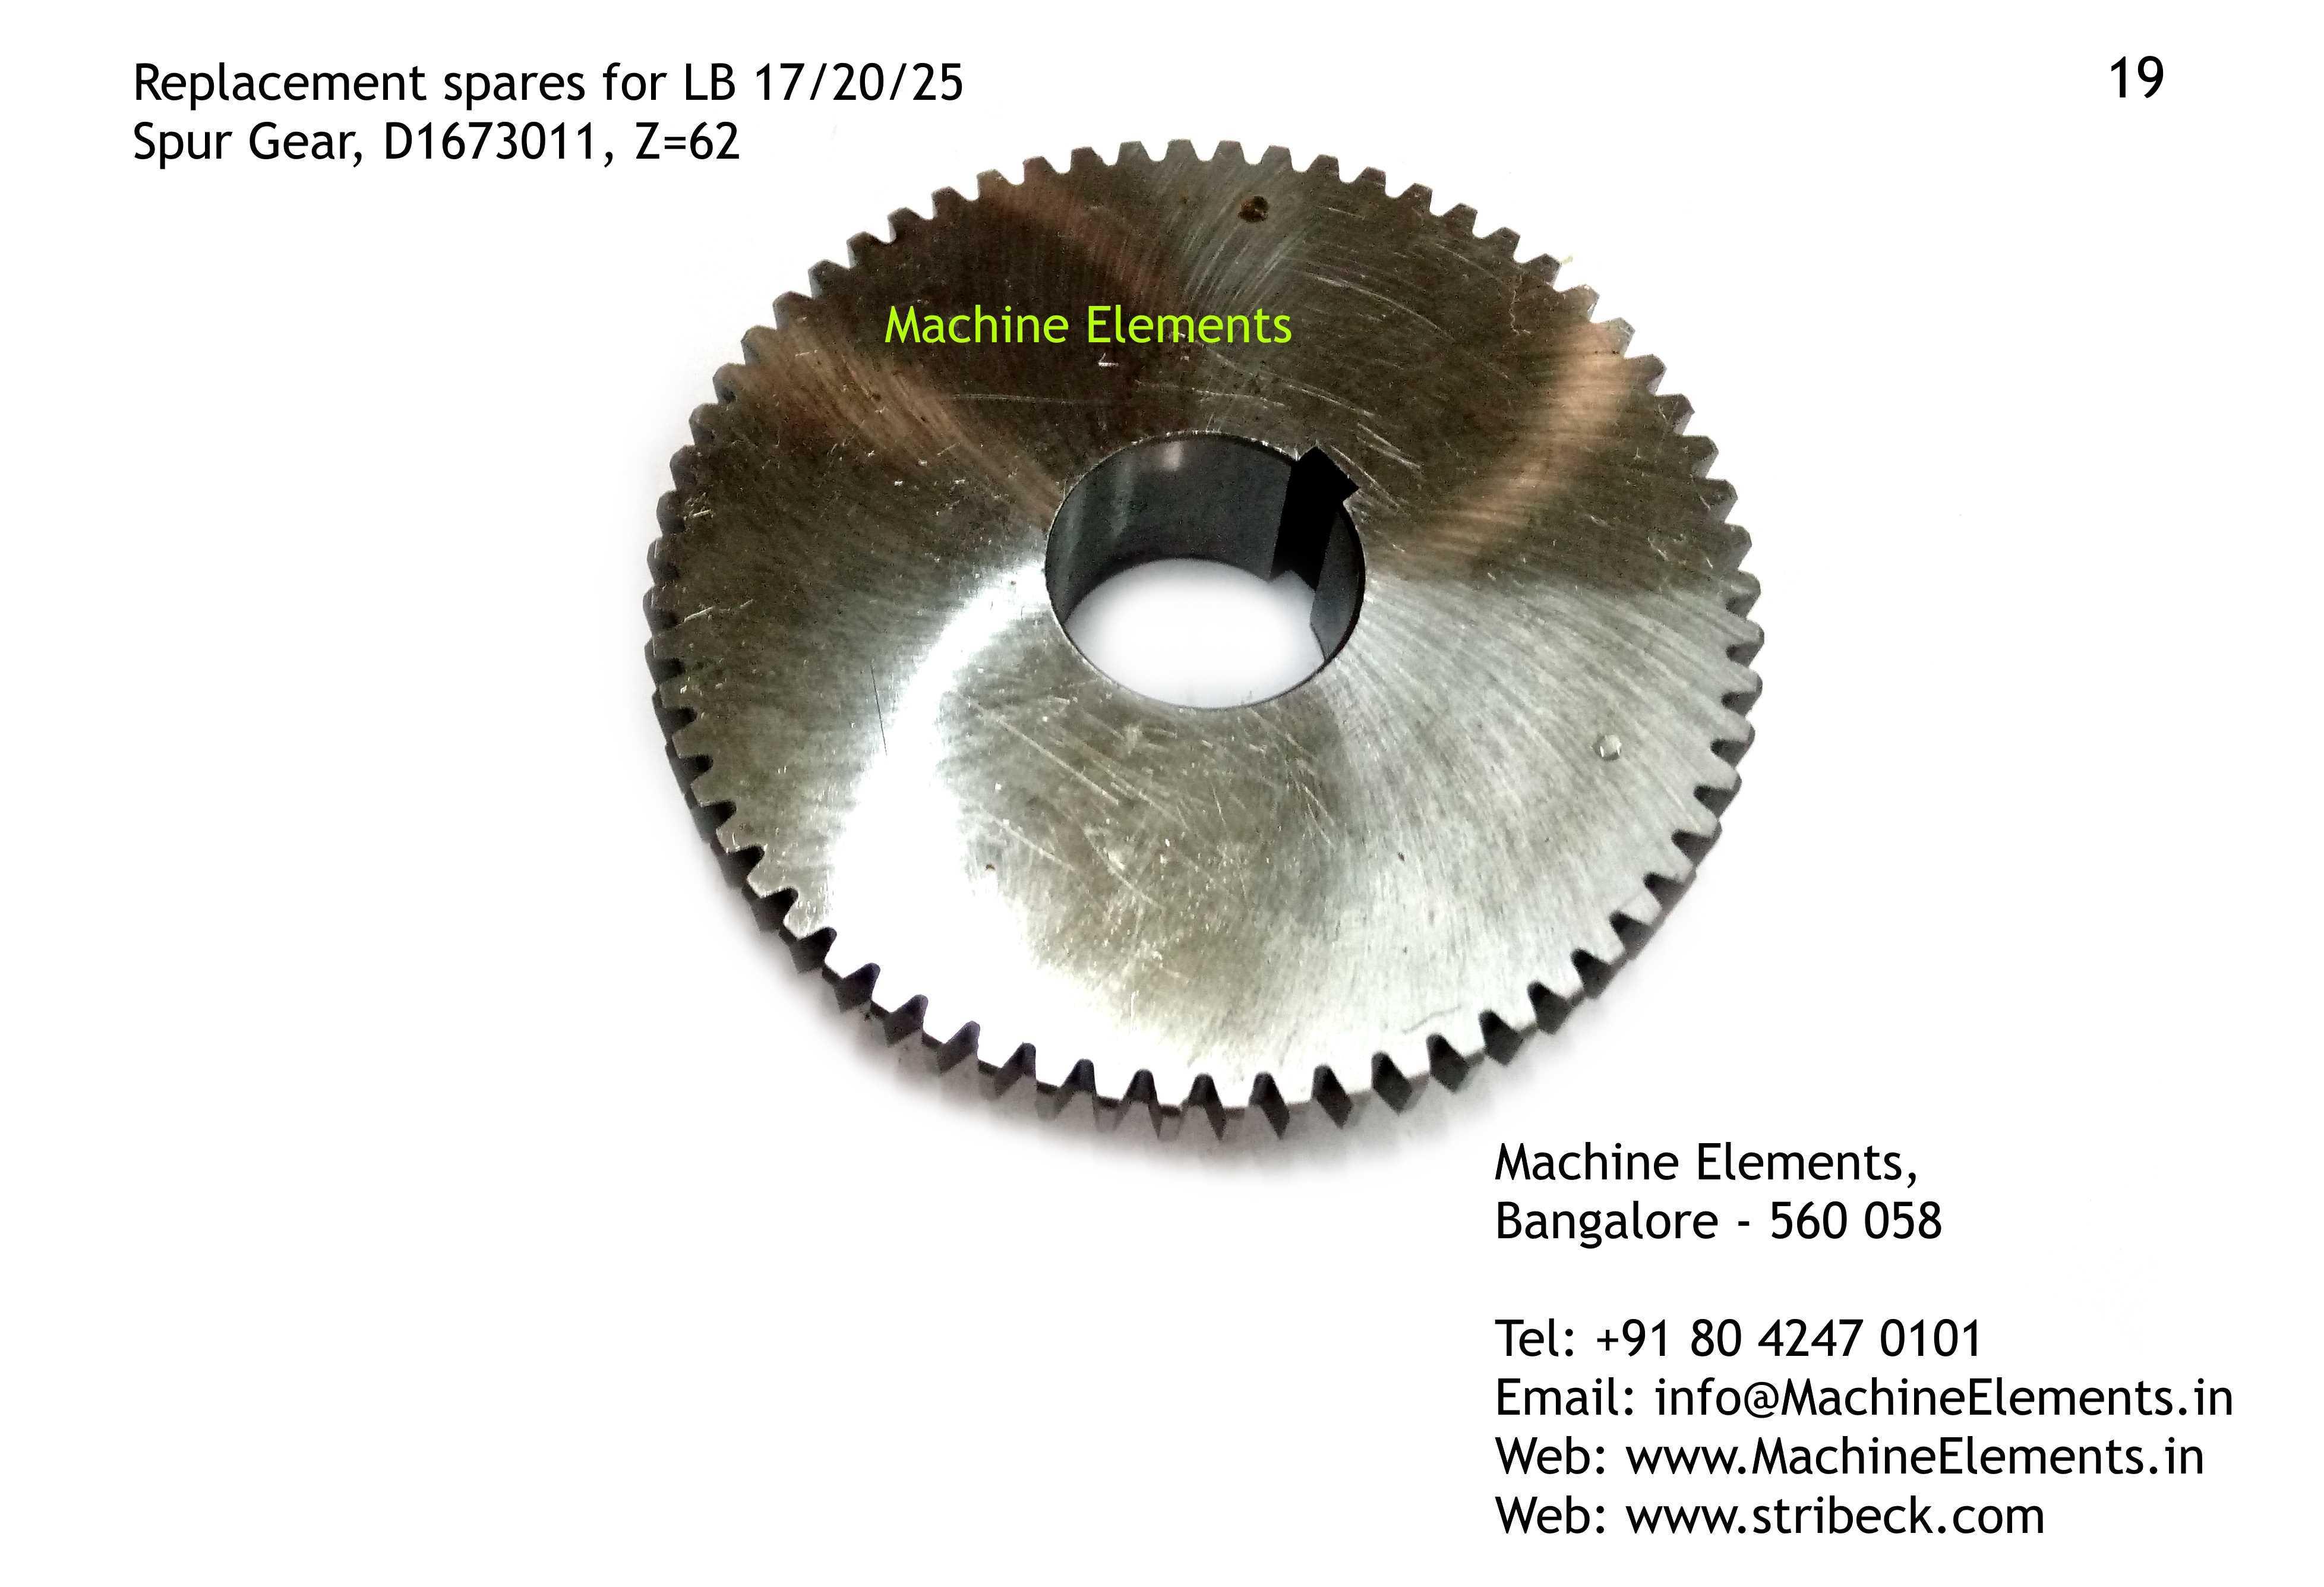 Spur Gear, D1673011